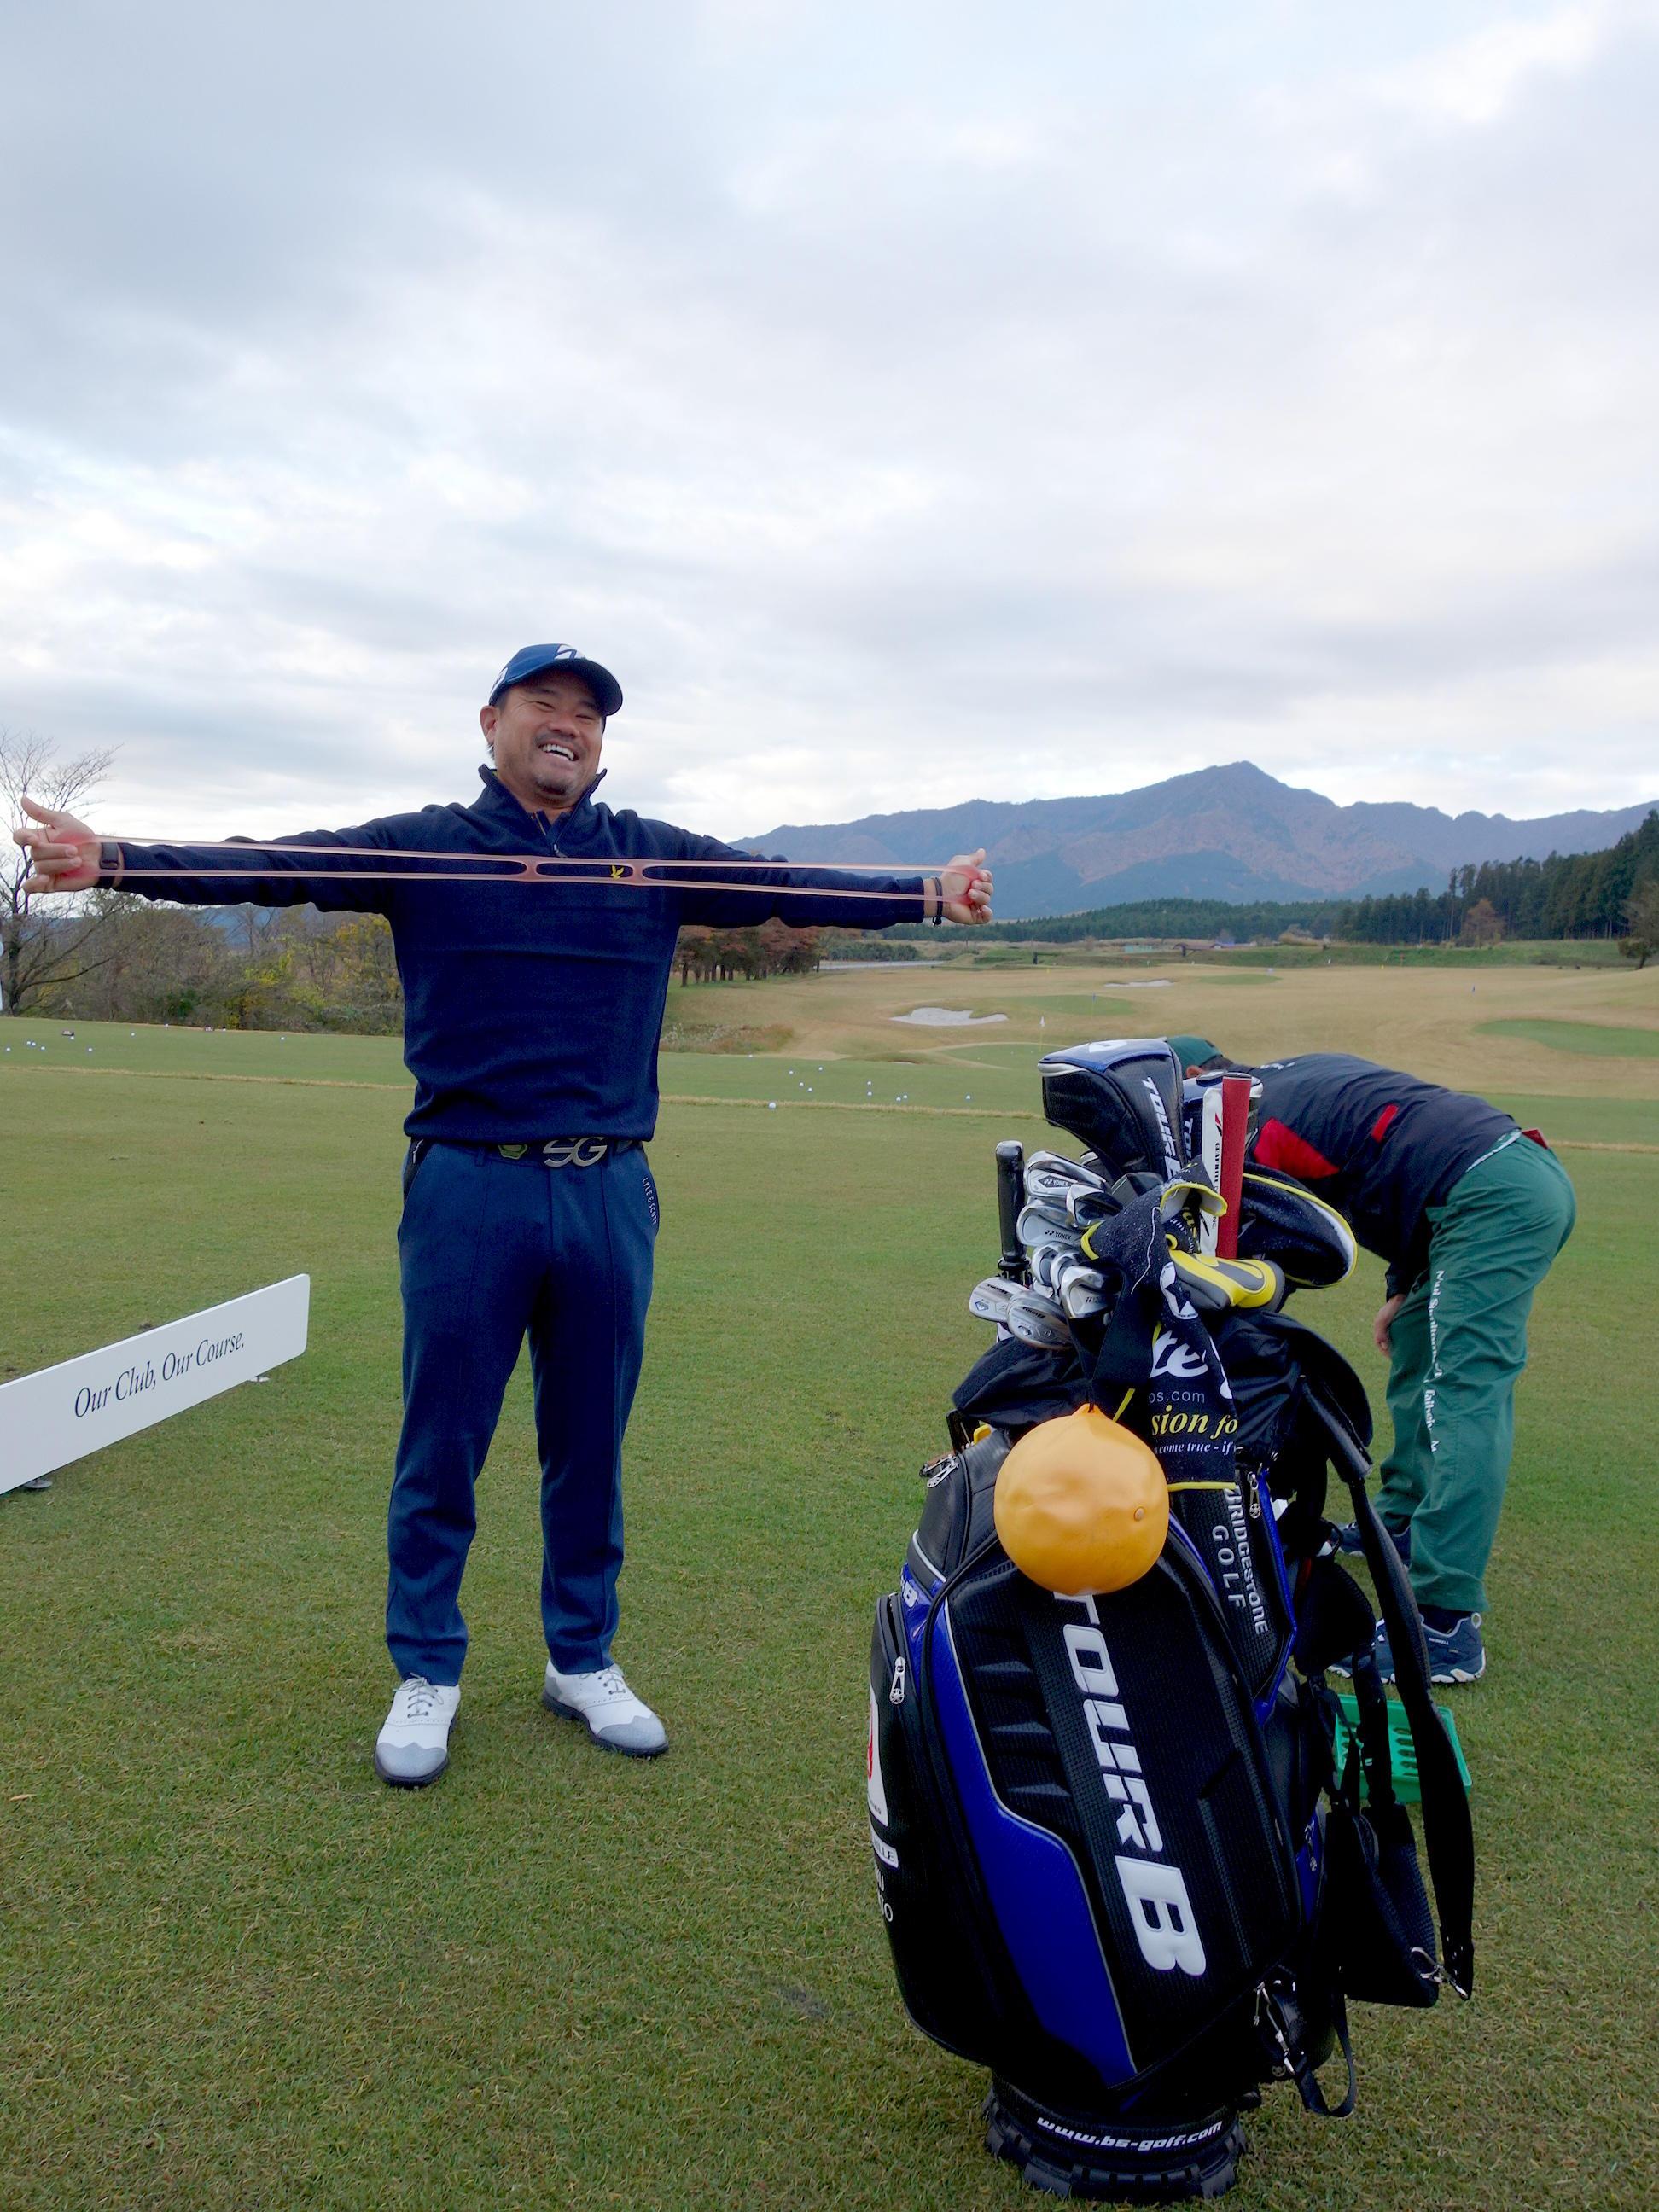 http://www.bs-golf.com/pro/3a6d0159cb0fcfc156547a4f2b9661d7f119d3cb.JPG